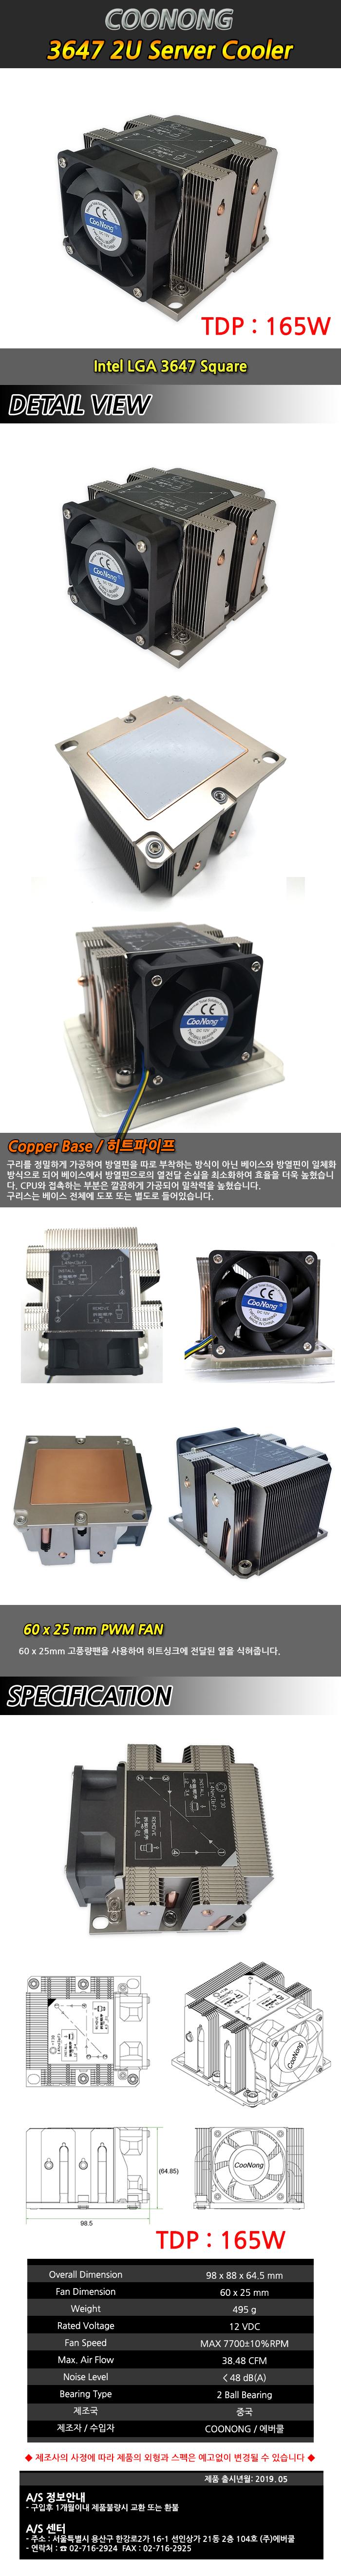 Shenzhen Newtech CooNong 3647 2U